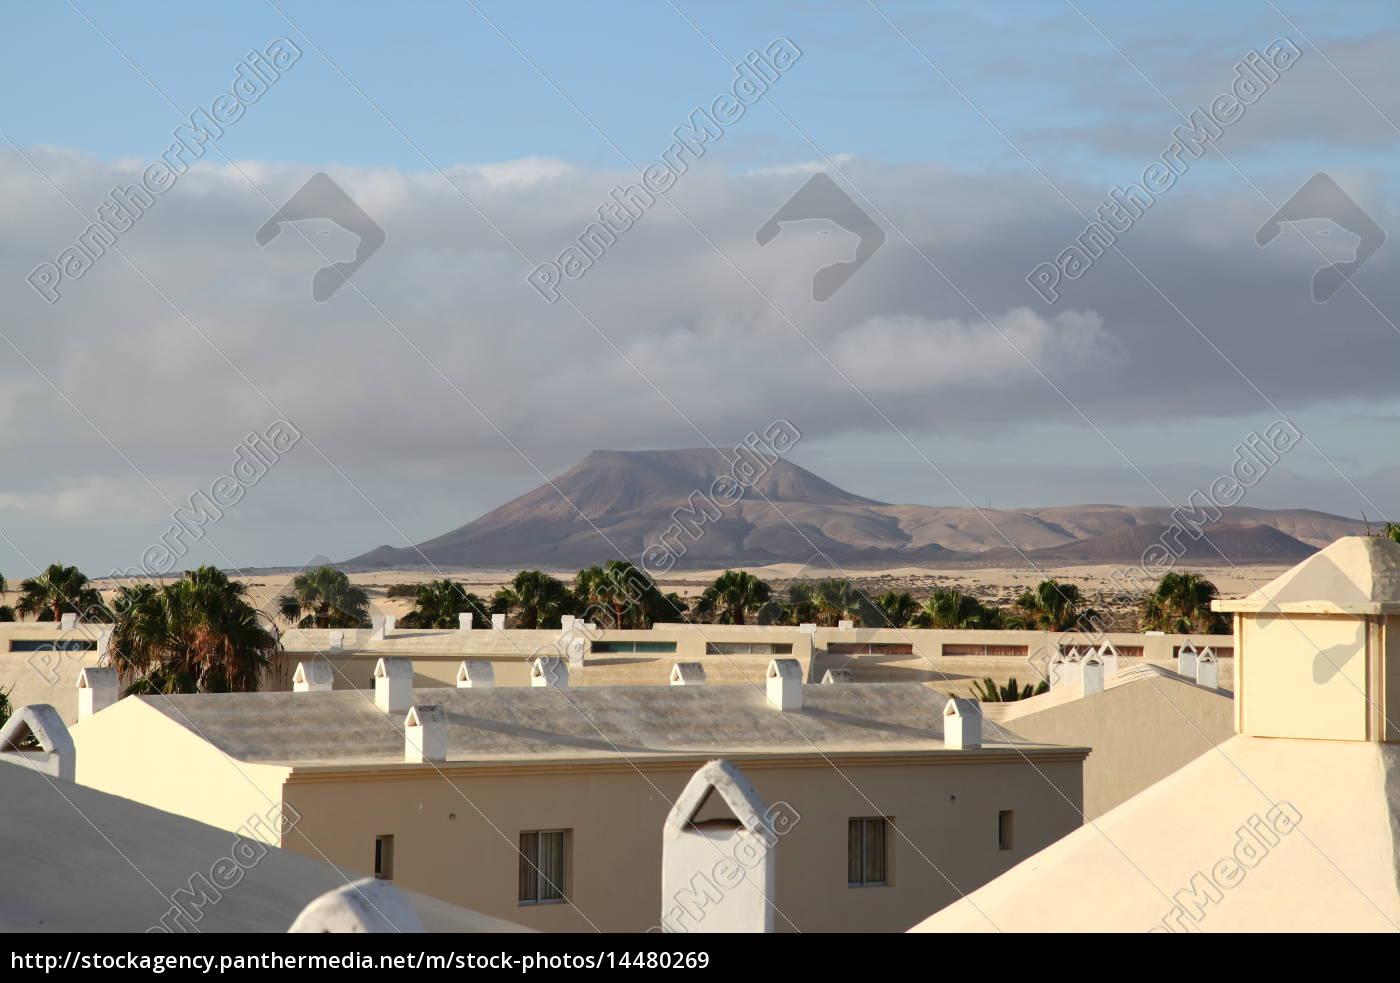 Fuerteventura, Kanarischen Inseln, Kanaren, Insel, Urlaub, Reise - 14480269